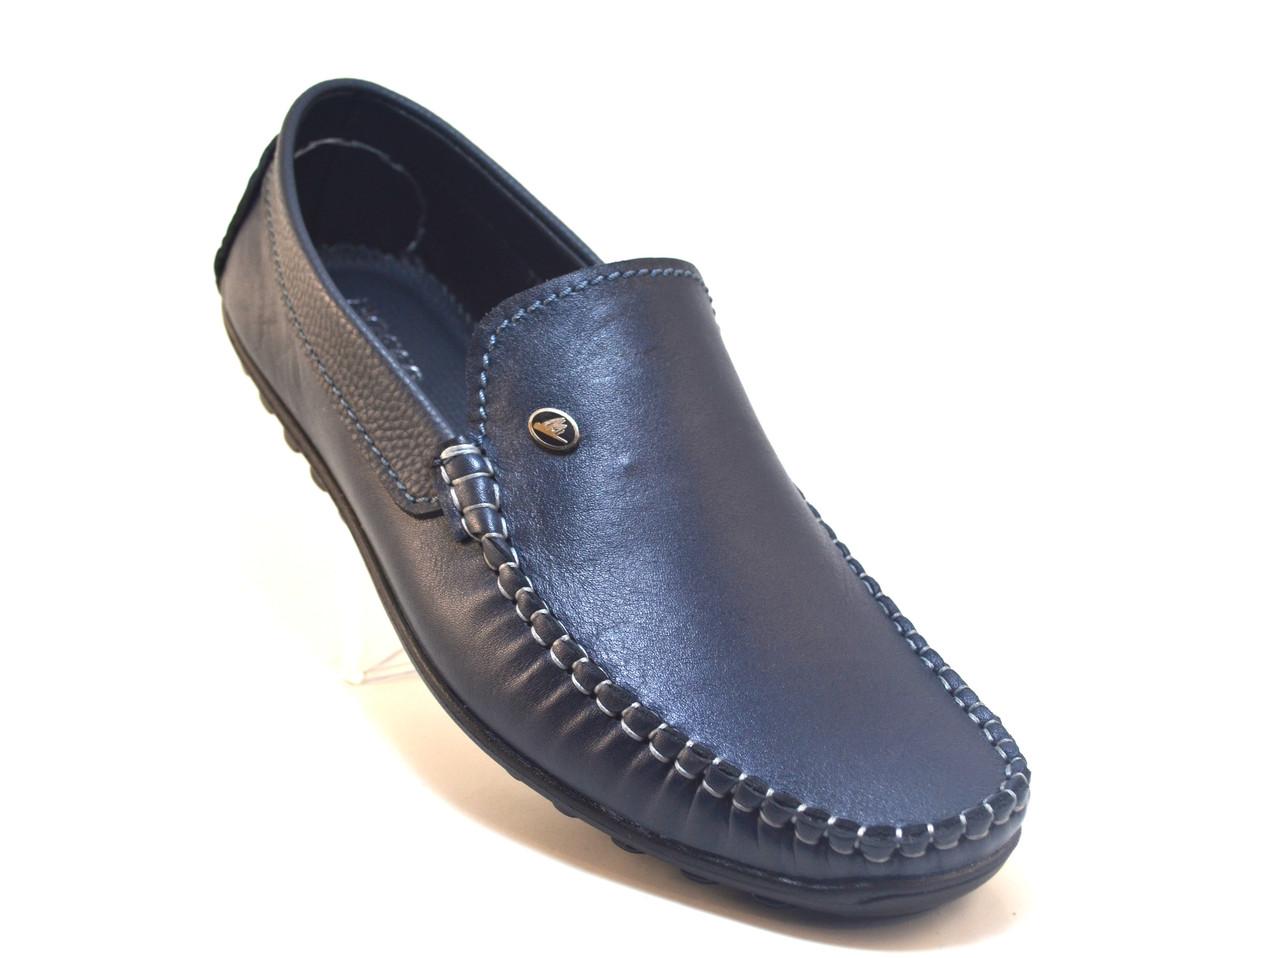 Мокасины мужские кожаные синие натуральные Rosso Avangard M4